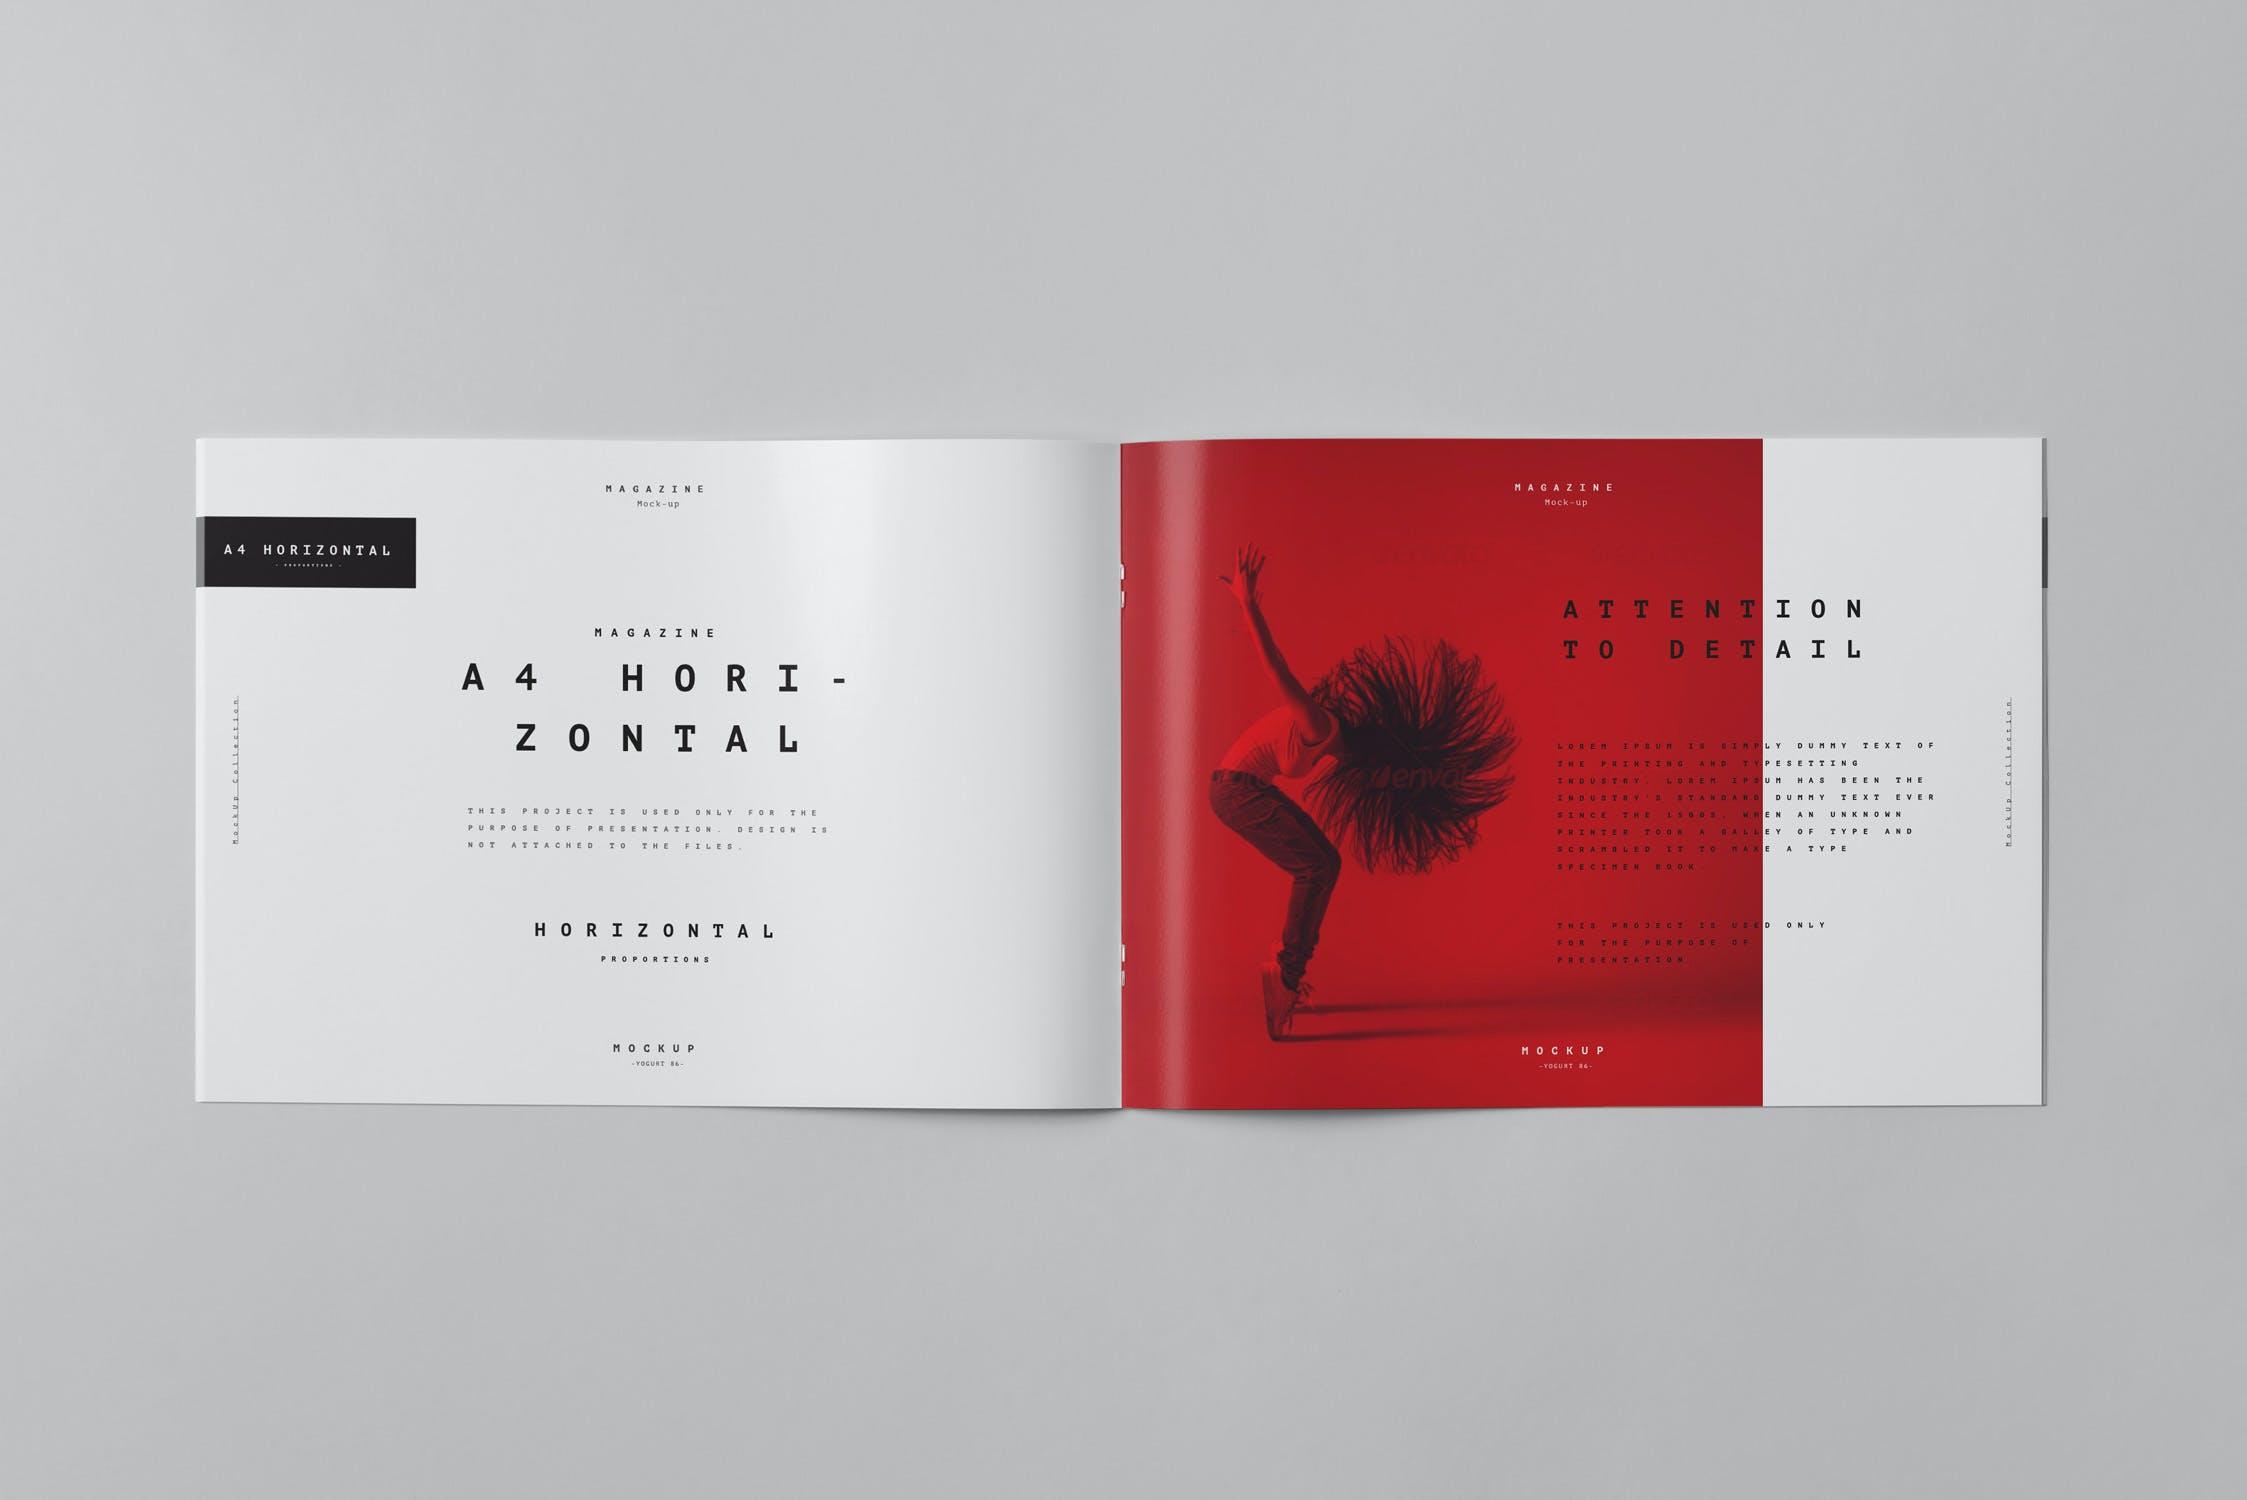 10款横版A4画册杂志设计展示样机模板 A4 Horizontal Brochure Mockup 3插图(9)